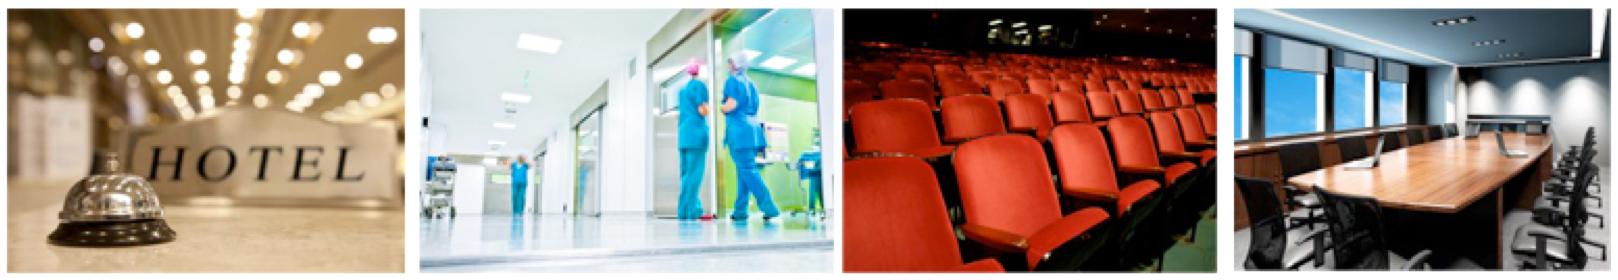 salle de cinéma hotel salle de réunion